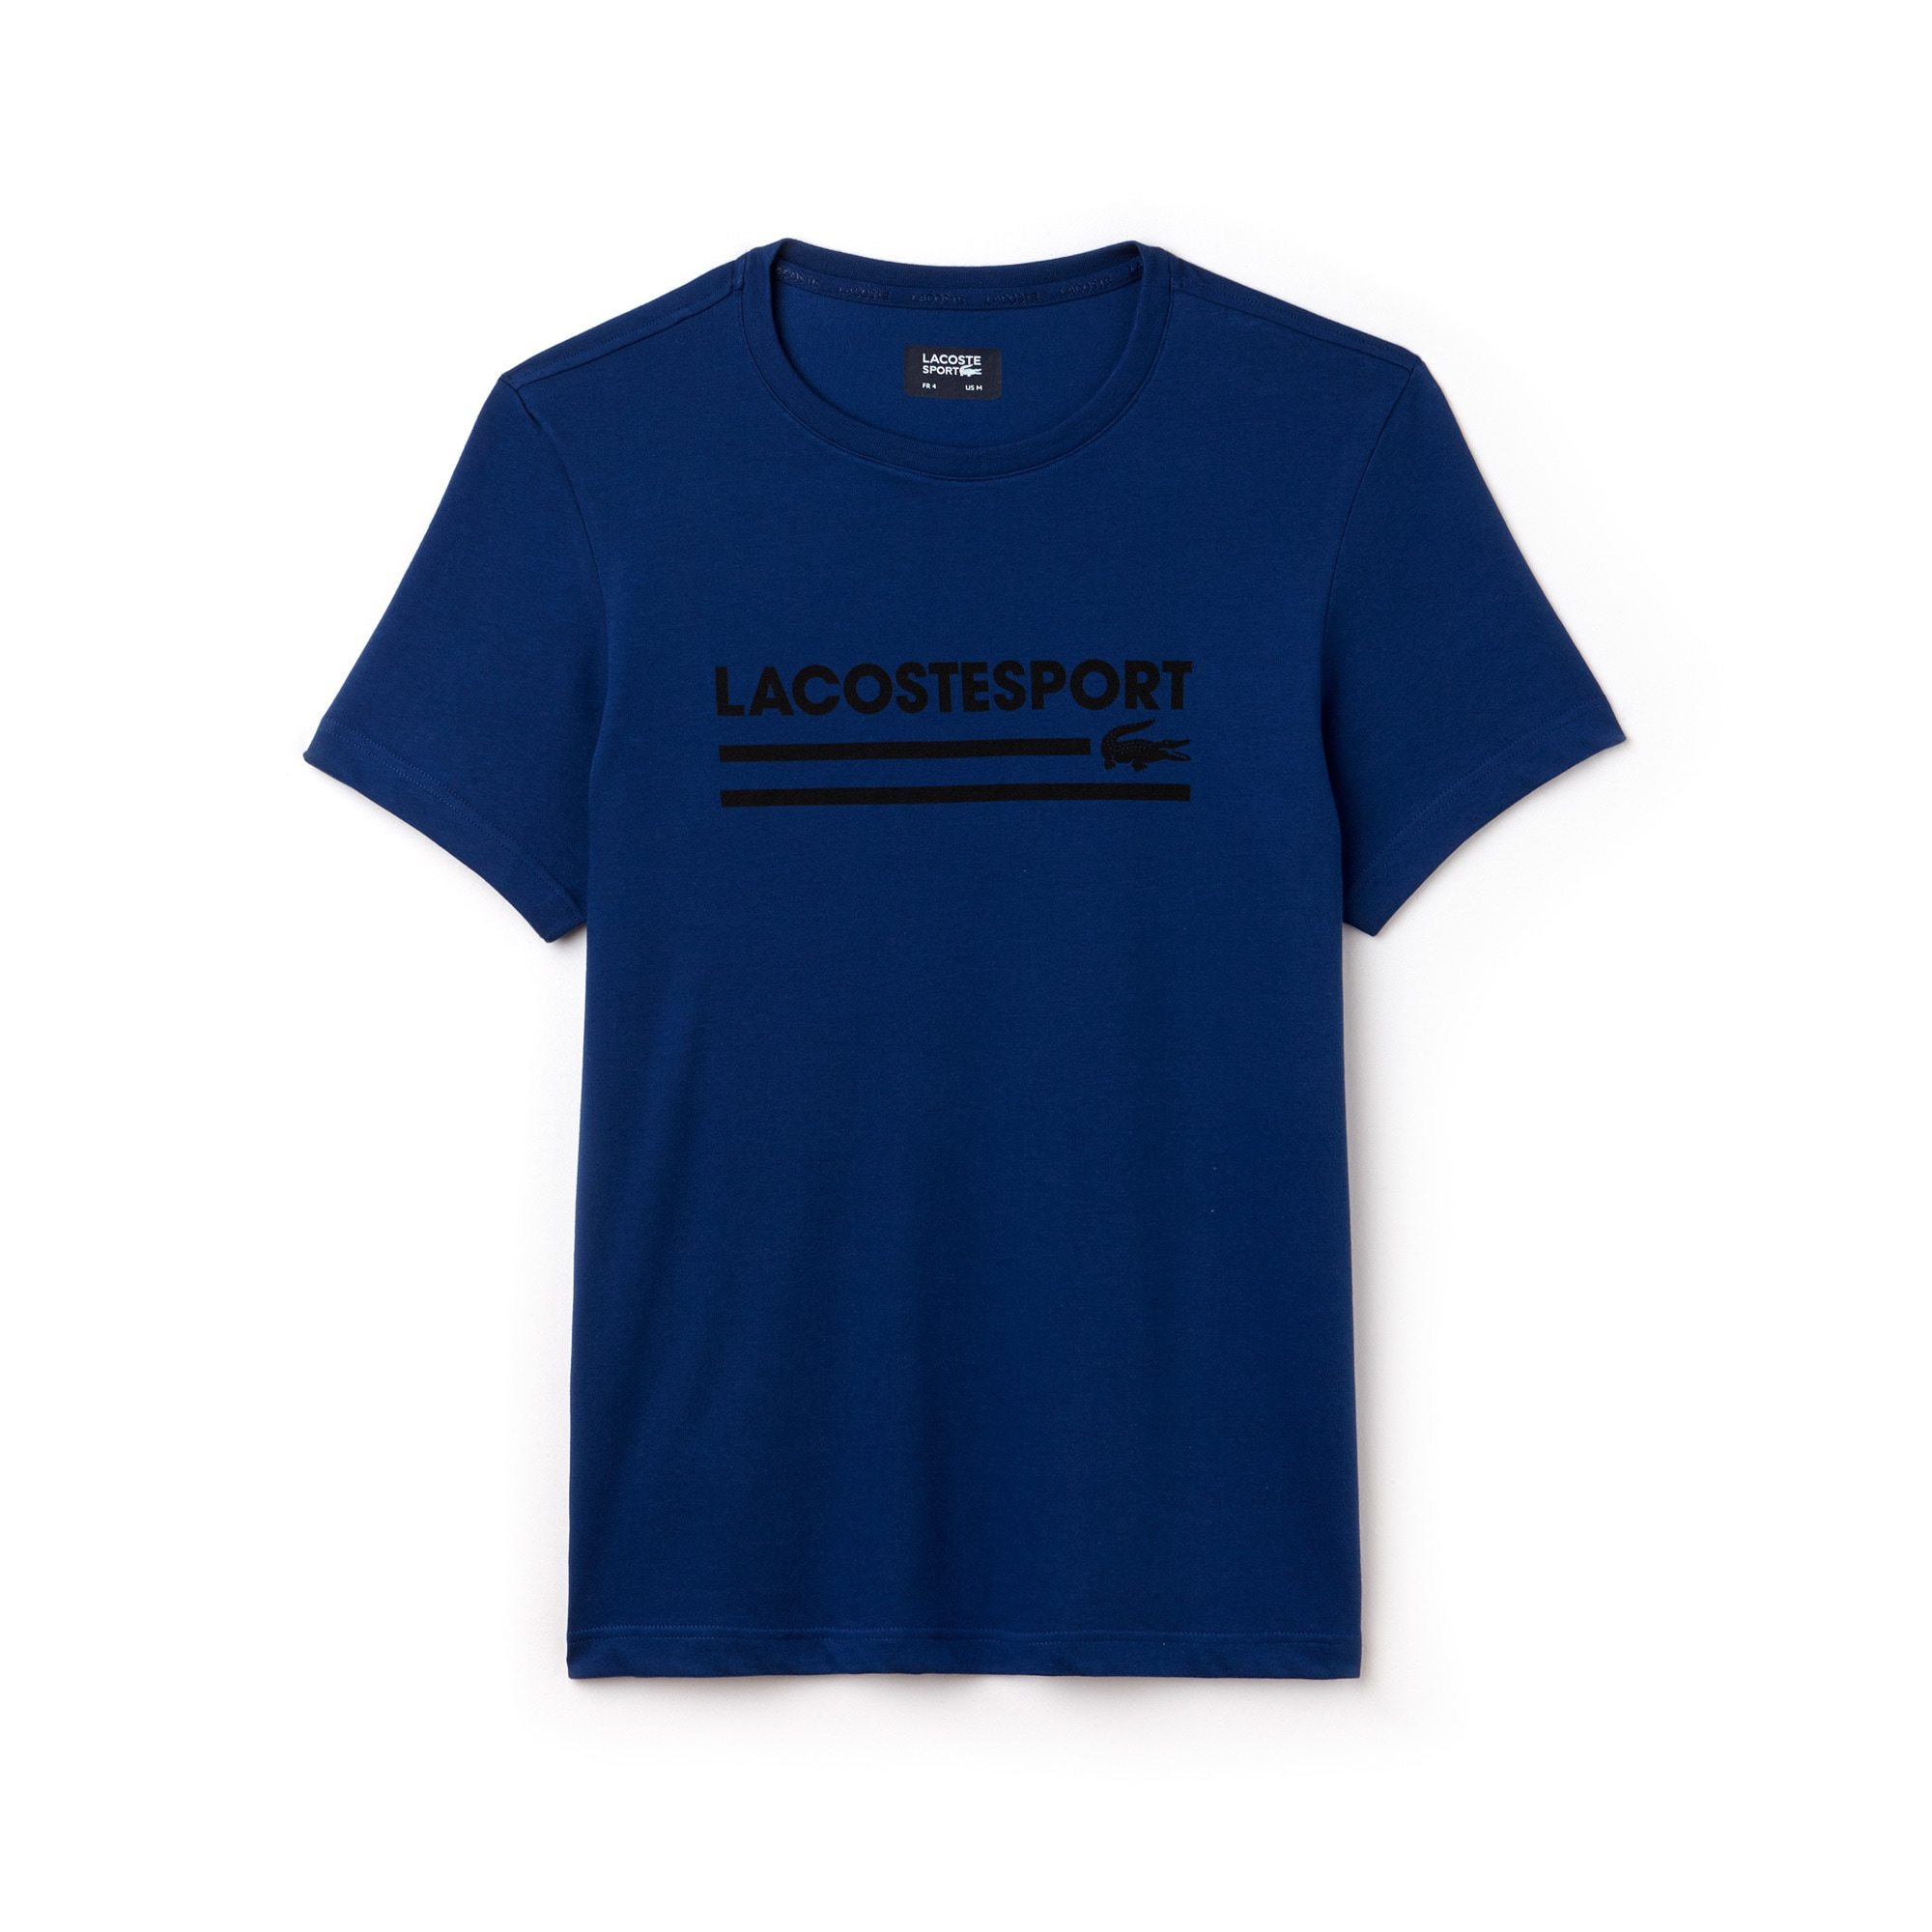 Herren LACOSTE Sport T-Shirt aus Funktionsjersey mit Schriftzug